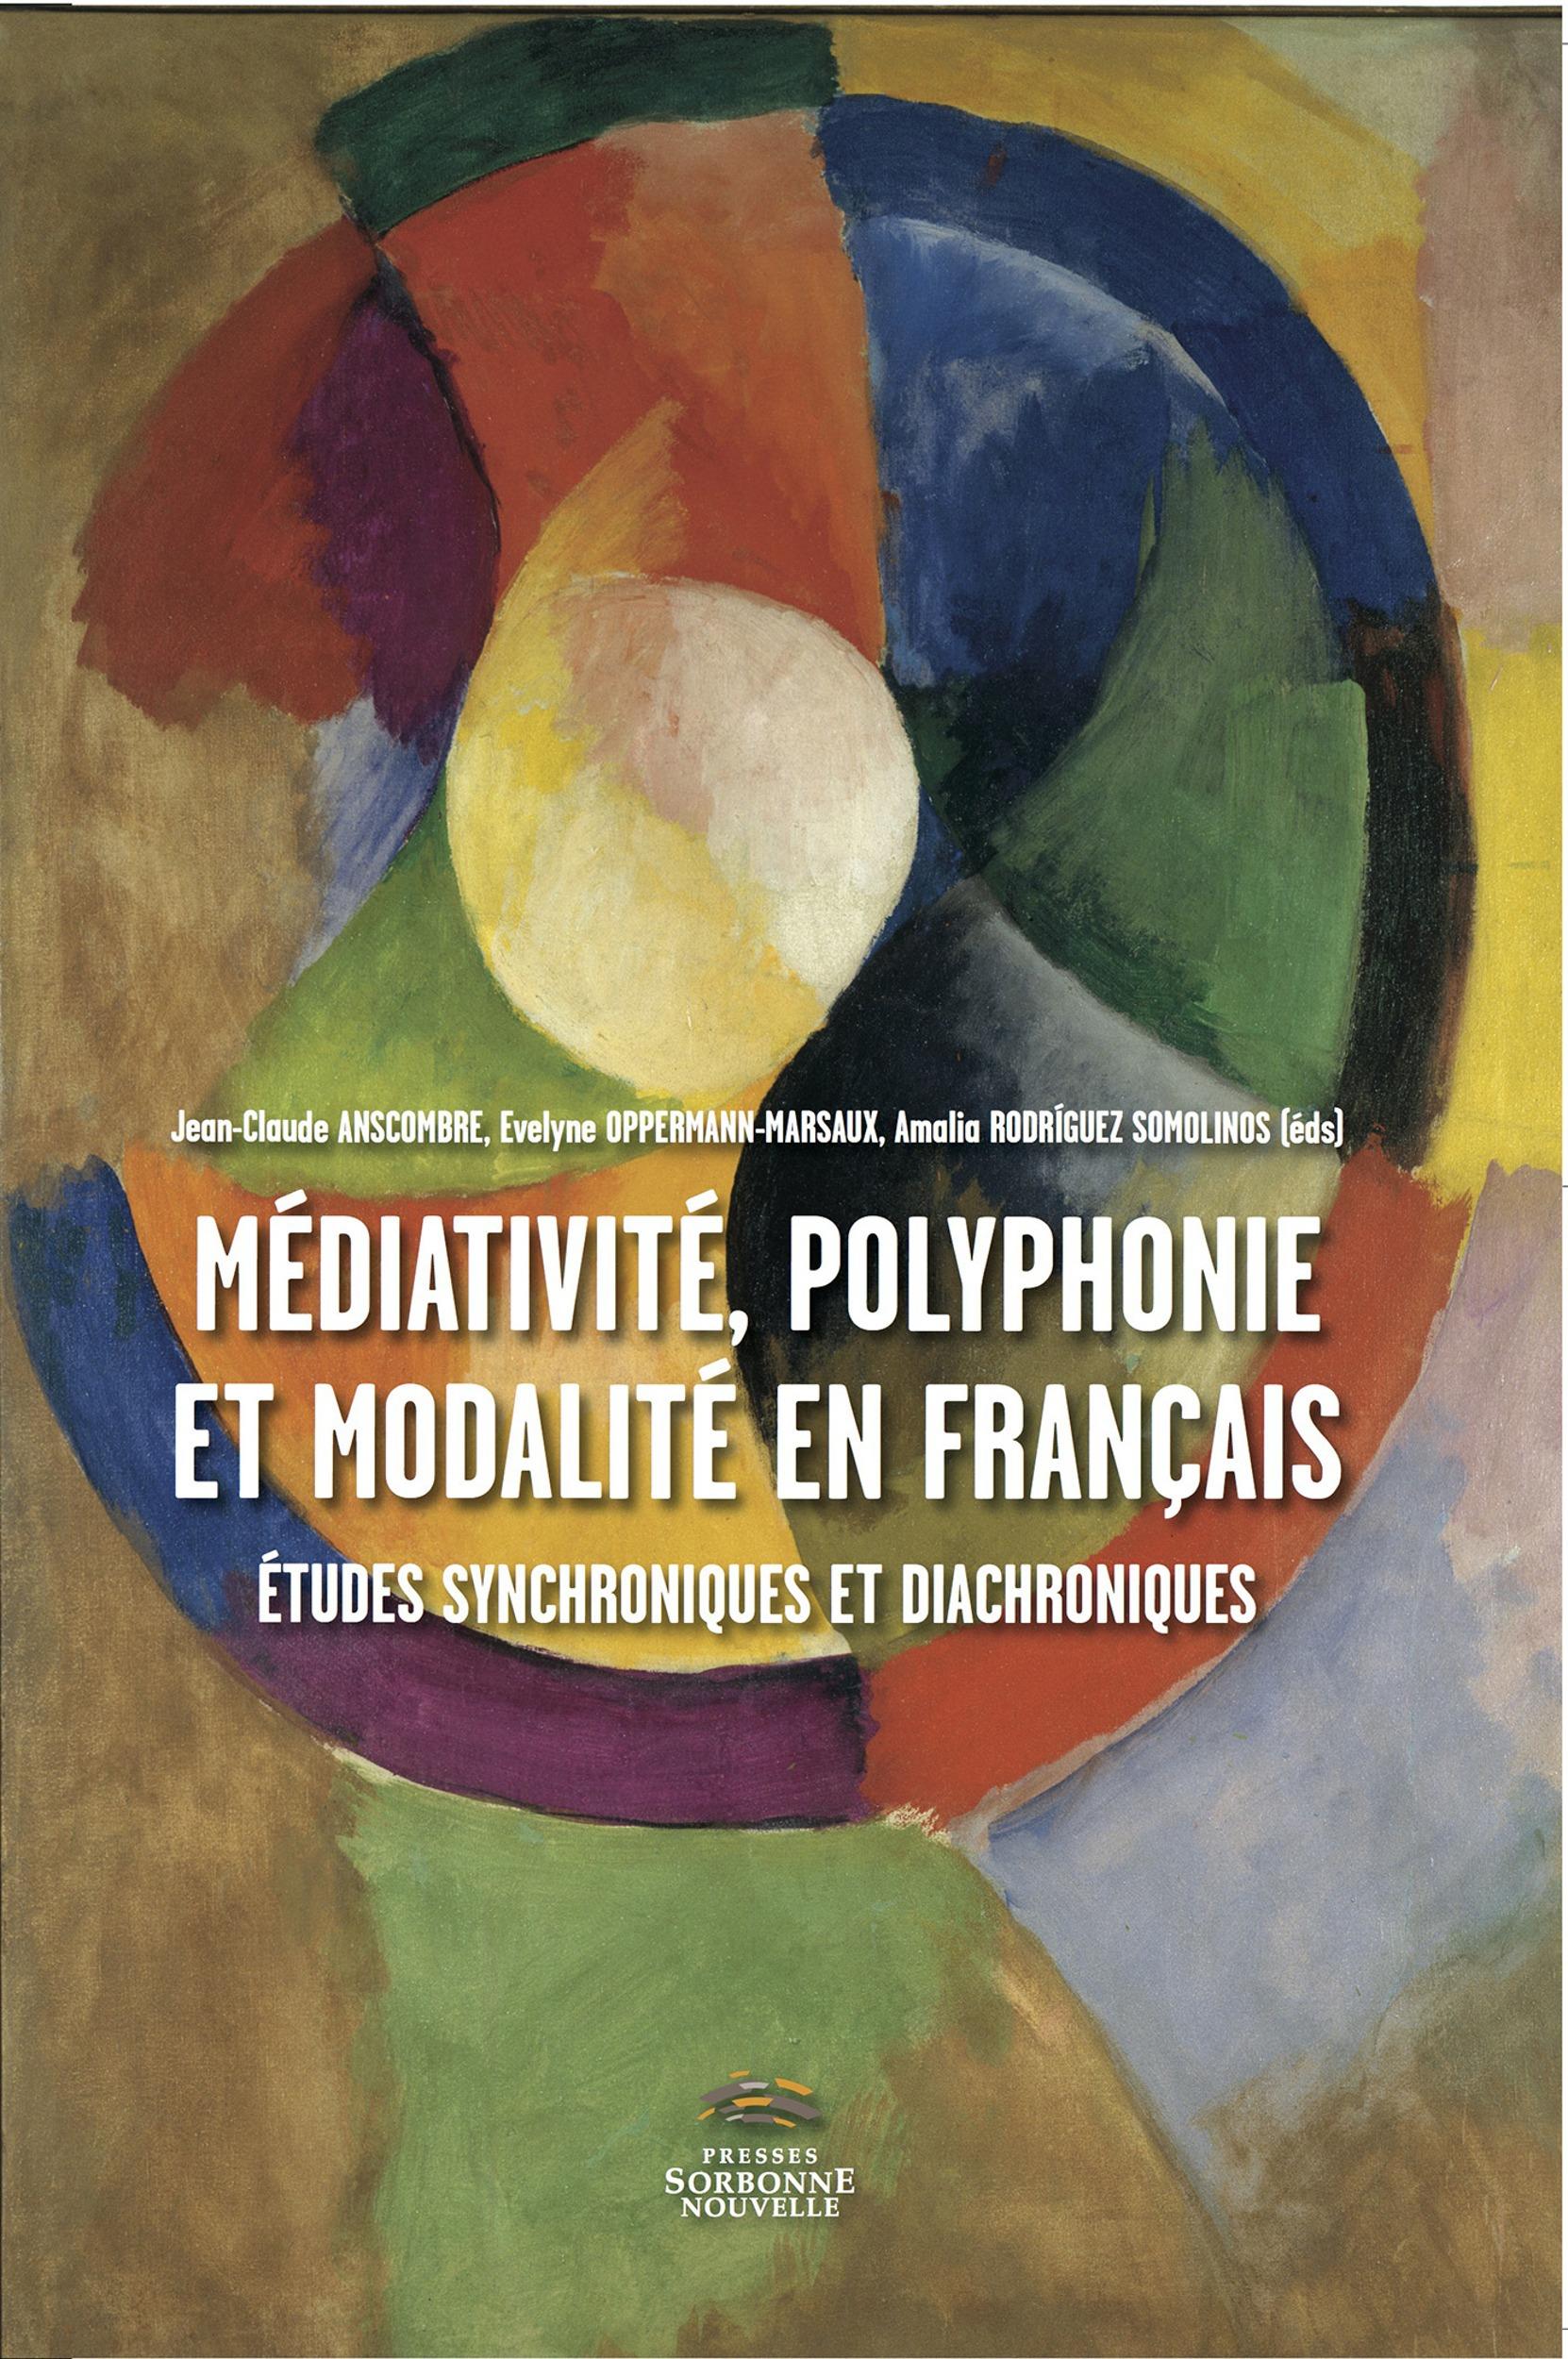 Médiativité, polyphonie et modalité enFfrancais : études synchroniques et diachroniques